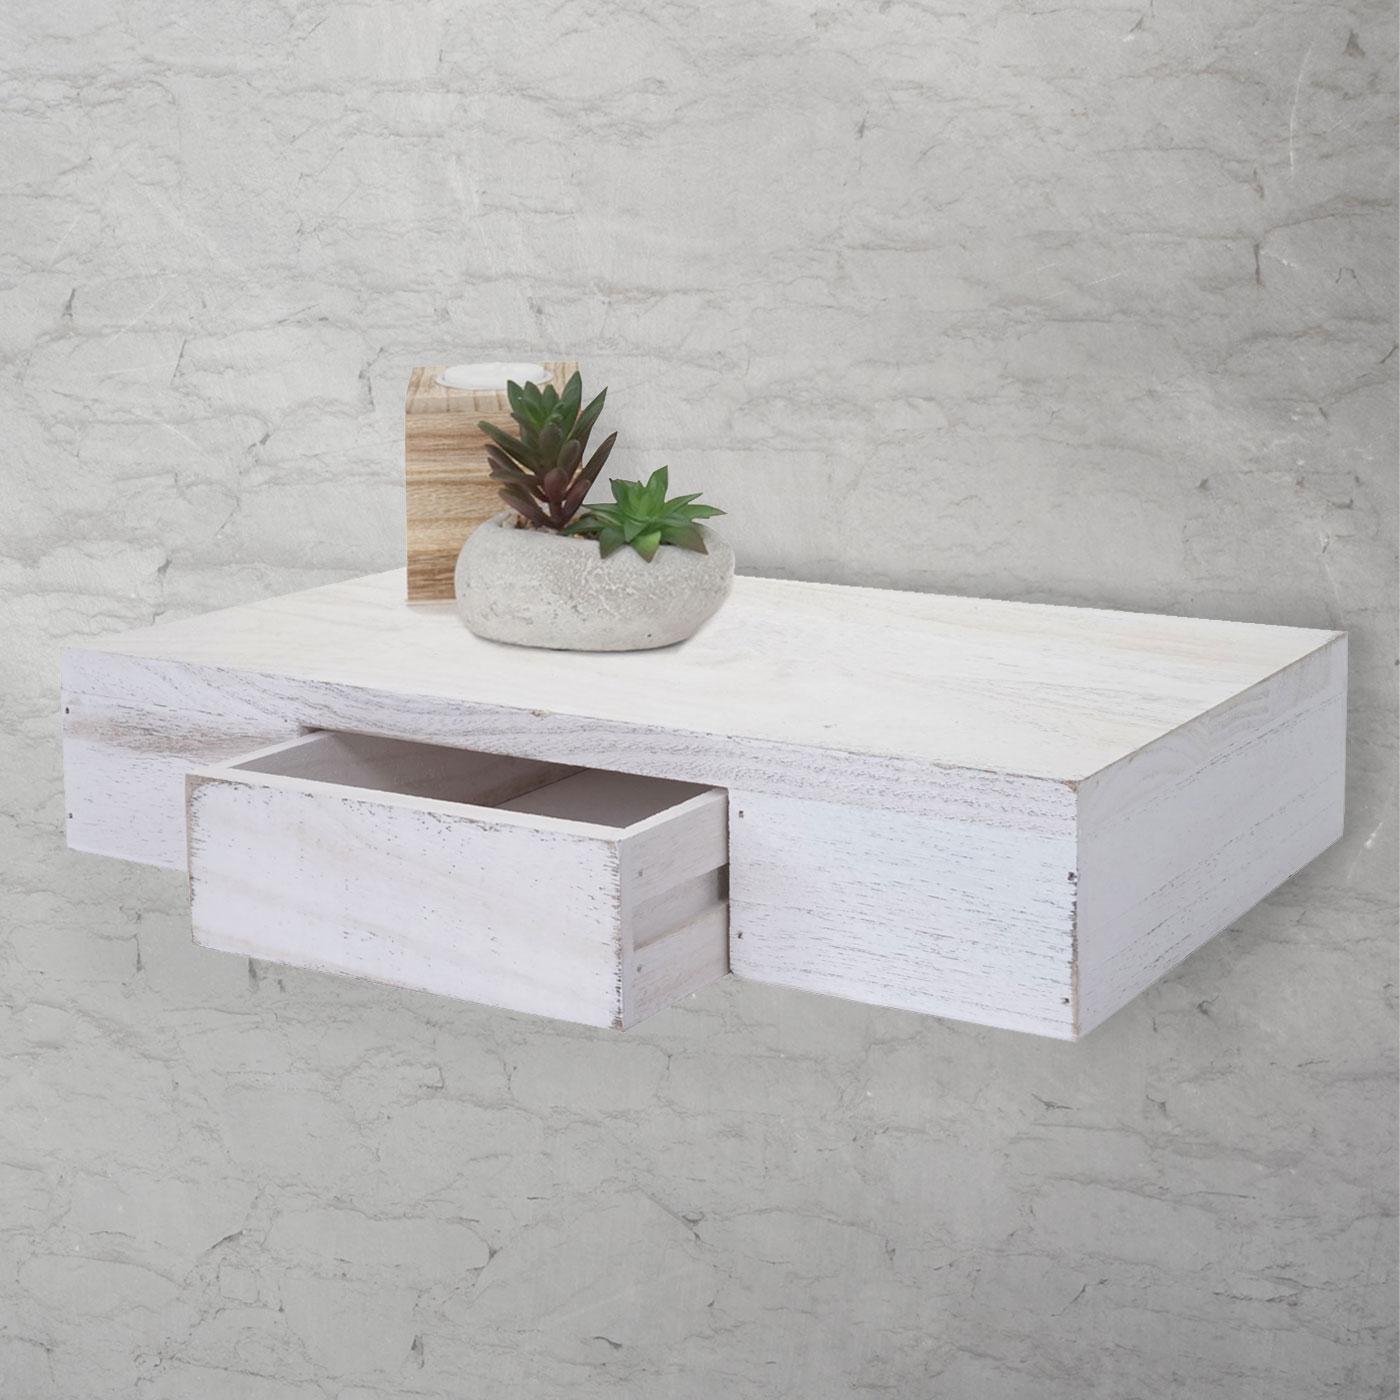 wandregal oise regal h ngeregal mit schublade 40cm. Black Bedroom Furniture Sets. Home Design Ideas